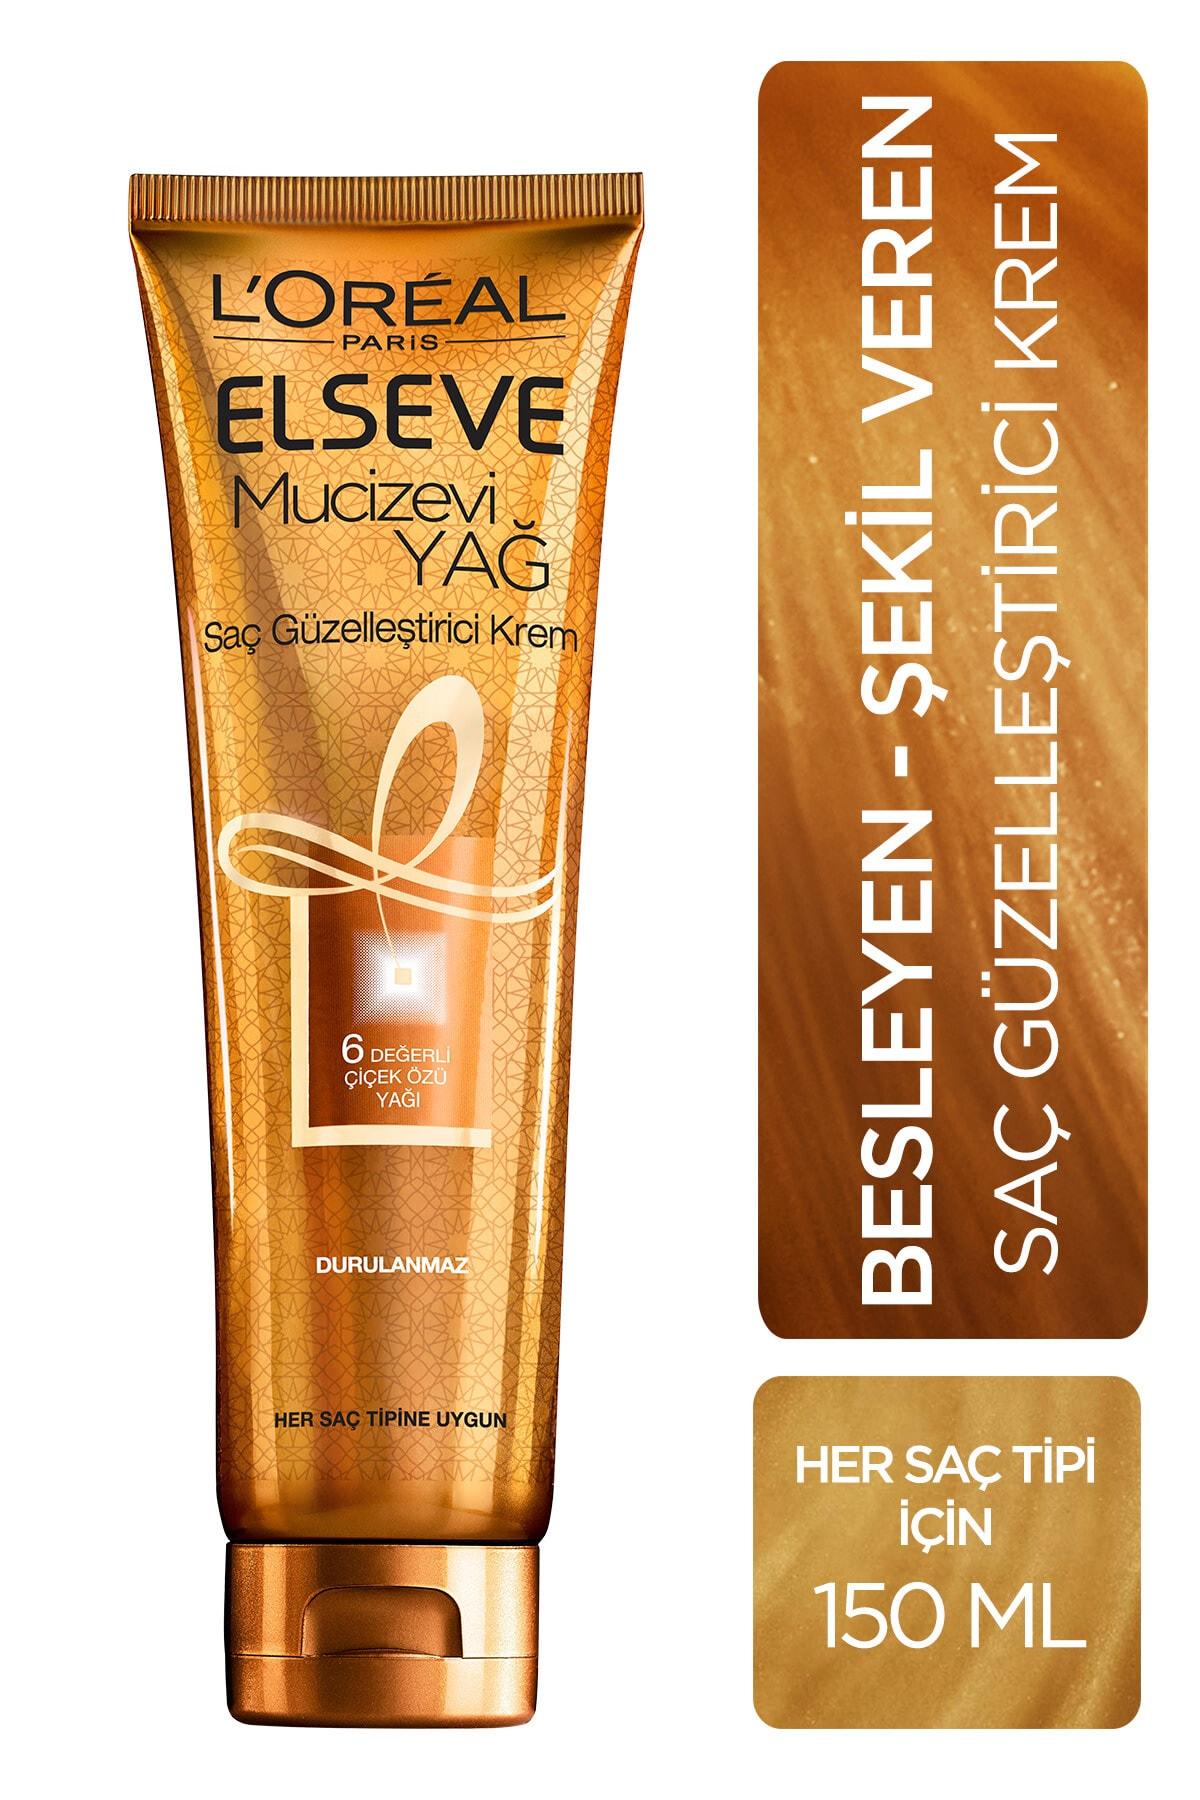 ELSEVE Mucizevi Yağ Saç Güzelleştirici Krem 150 ml 1